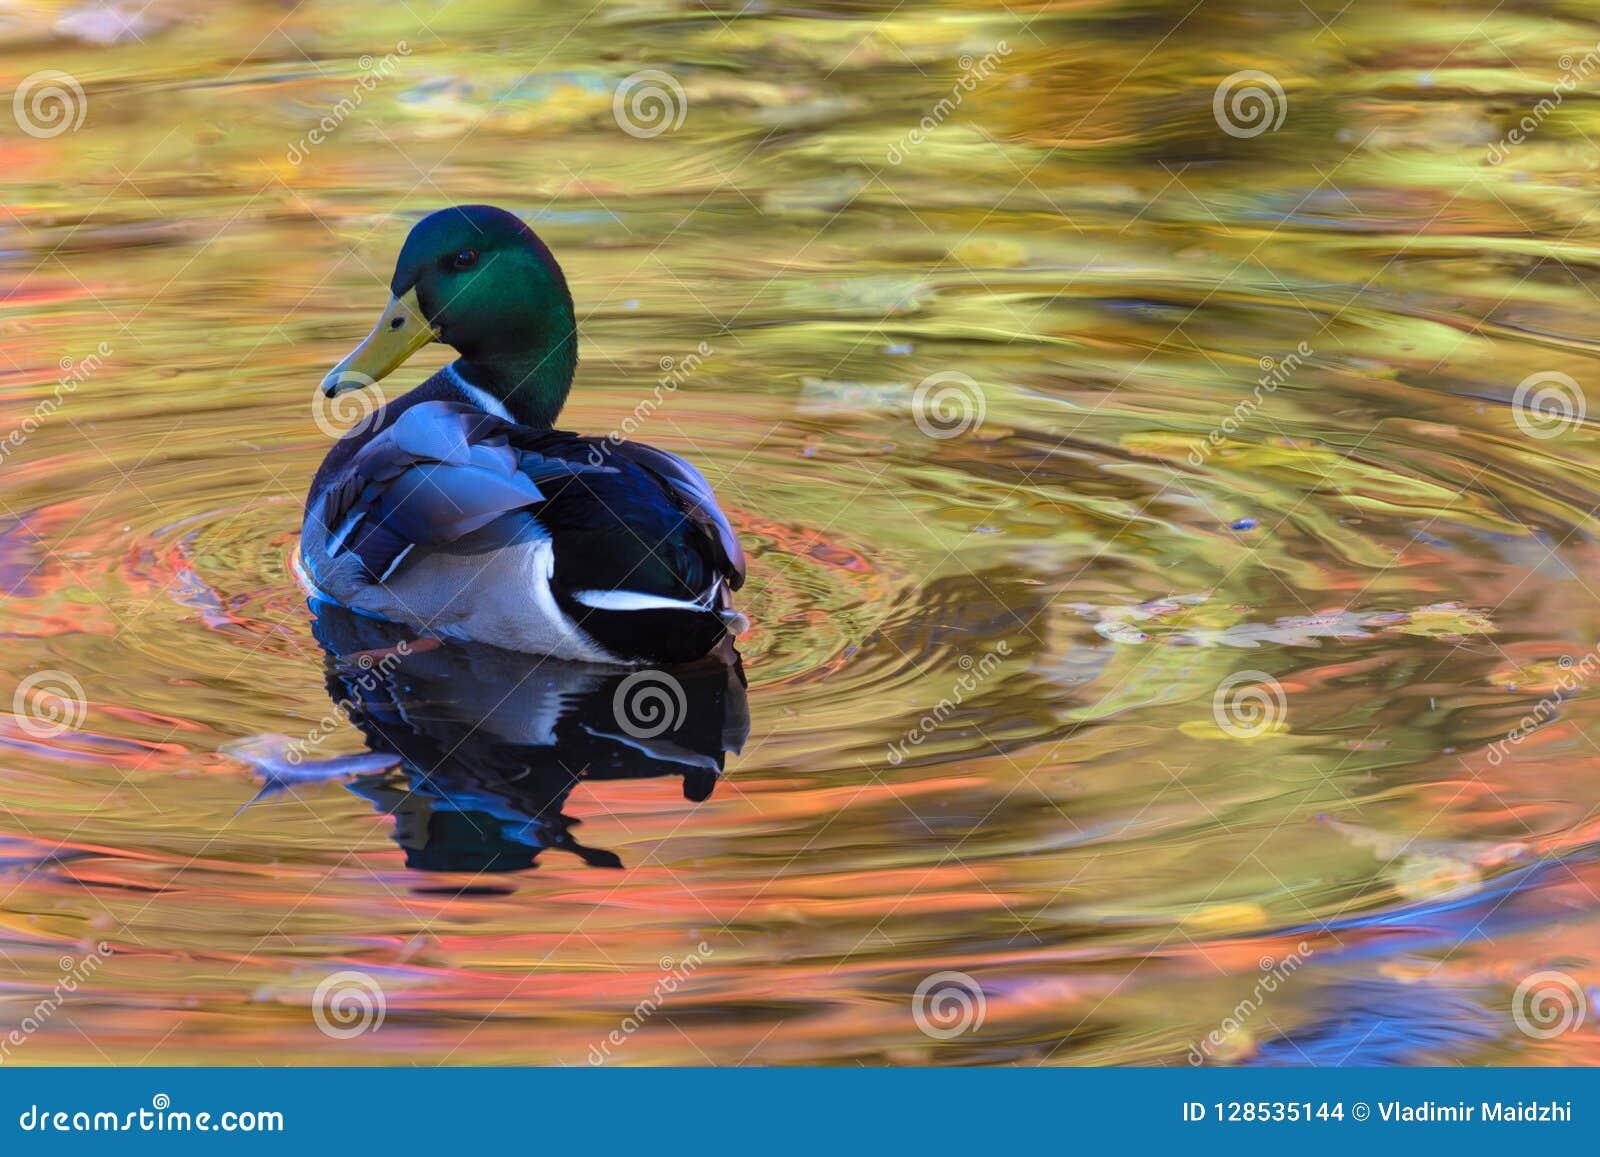 Kaczor w miasta jeziorze, kaczka lub funtowy cleaning upierzenie w wodzie lub barwiliśmy w kolorze żółtym, czerwieni i pomarańcze